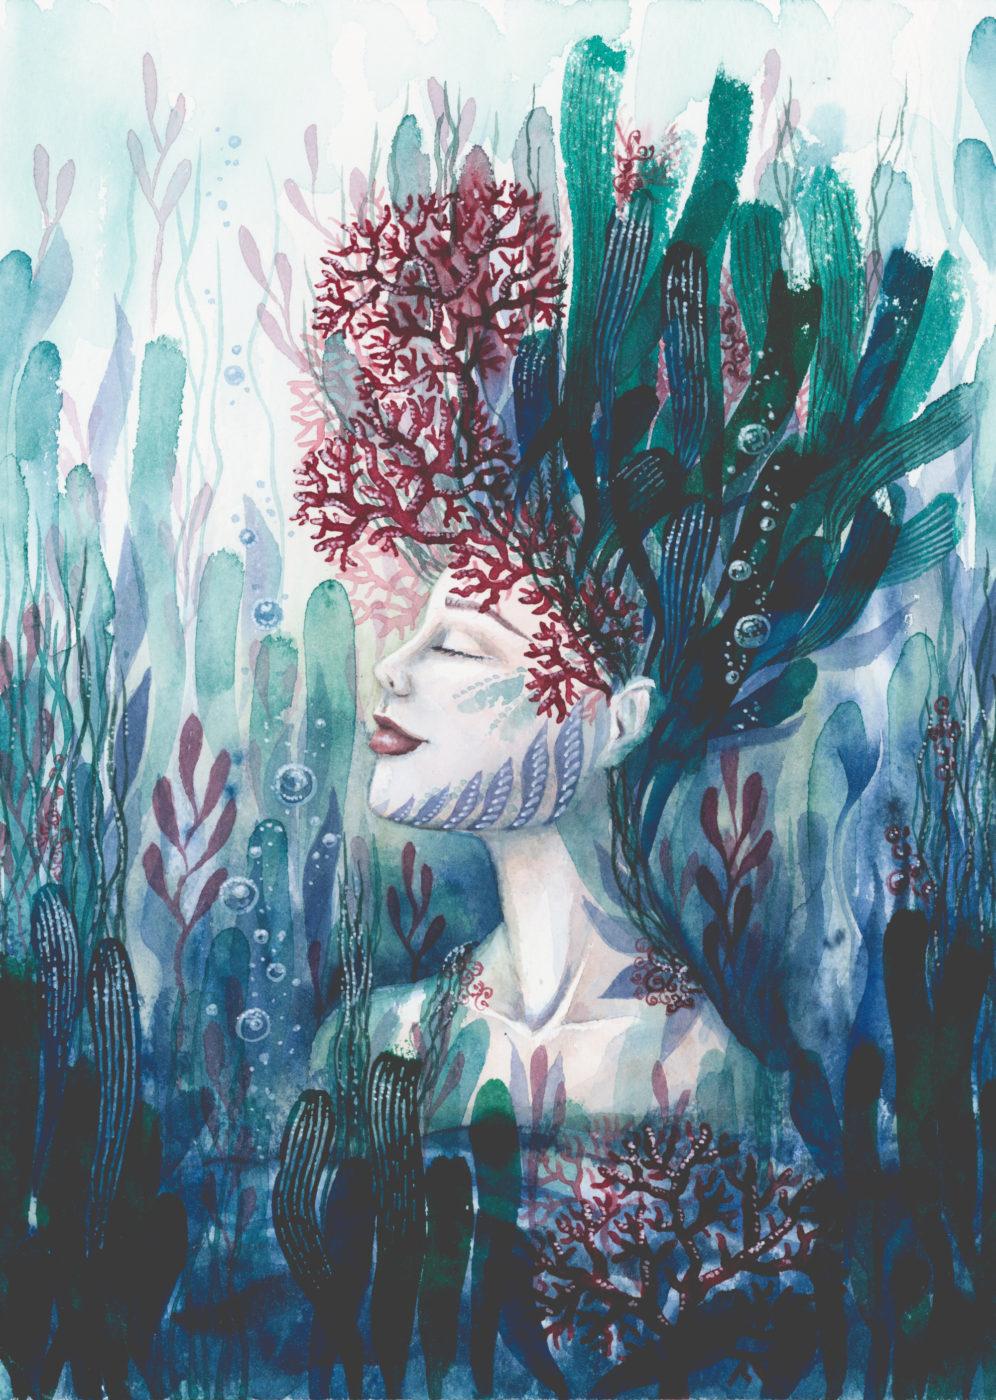 Korallenblüte maria und der pinsel feminine öko artprints aquarell nachhaltige kunst